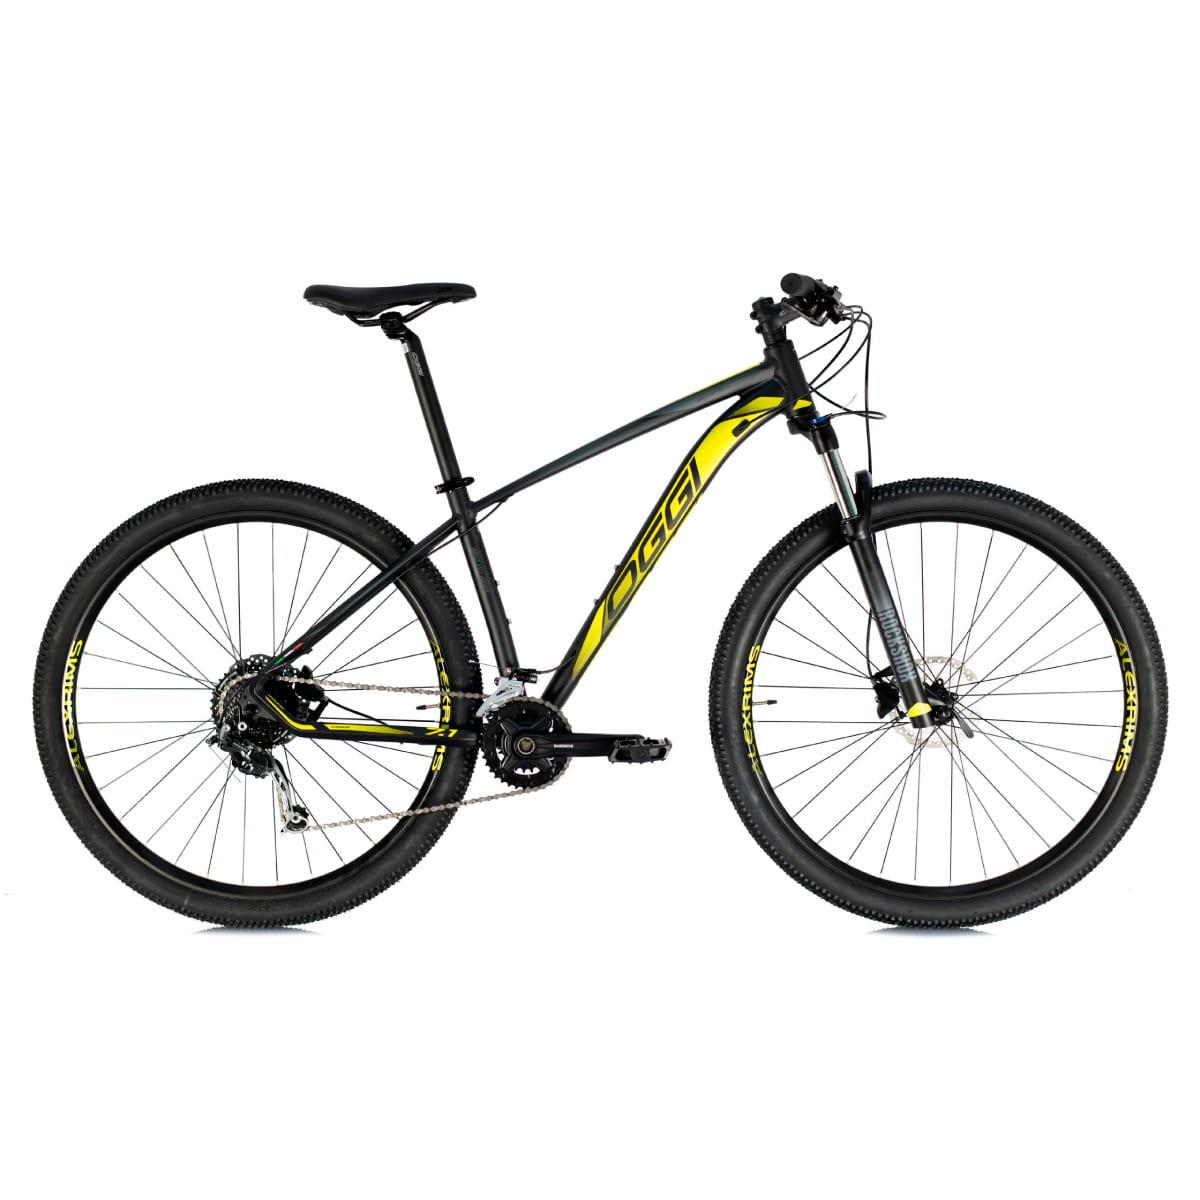 Bike Oggi 7.1 2021 BiG Whell Original 18 V Preto Amarelo